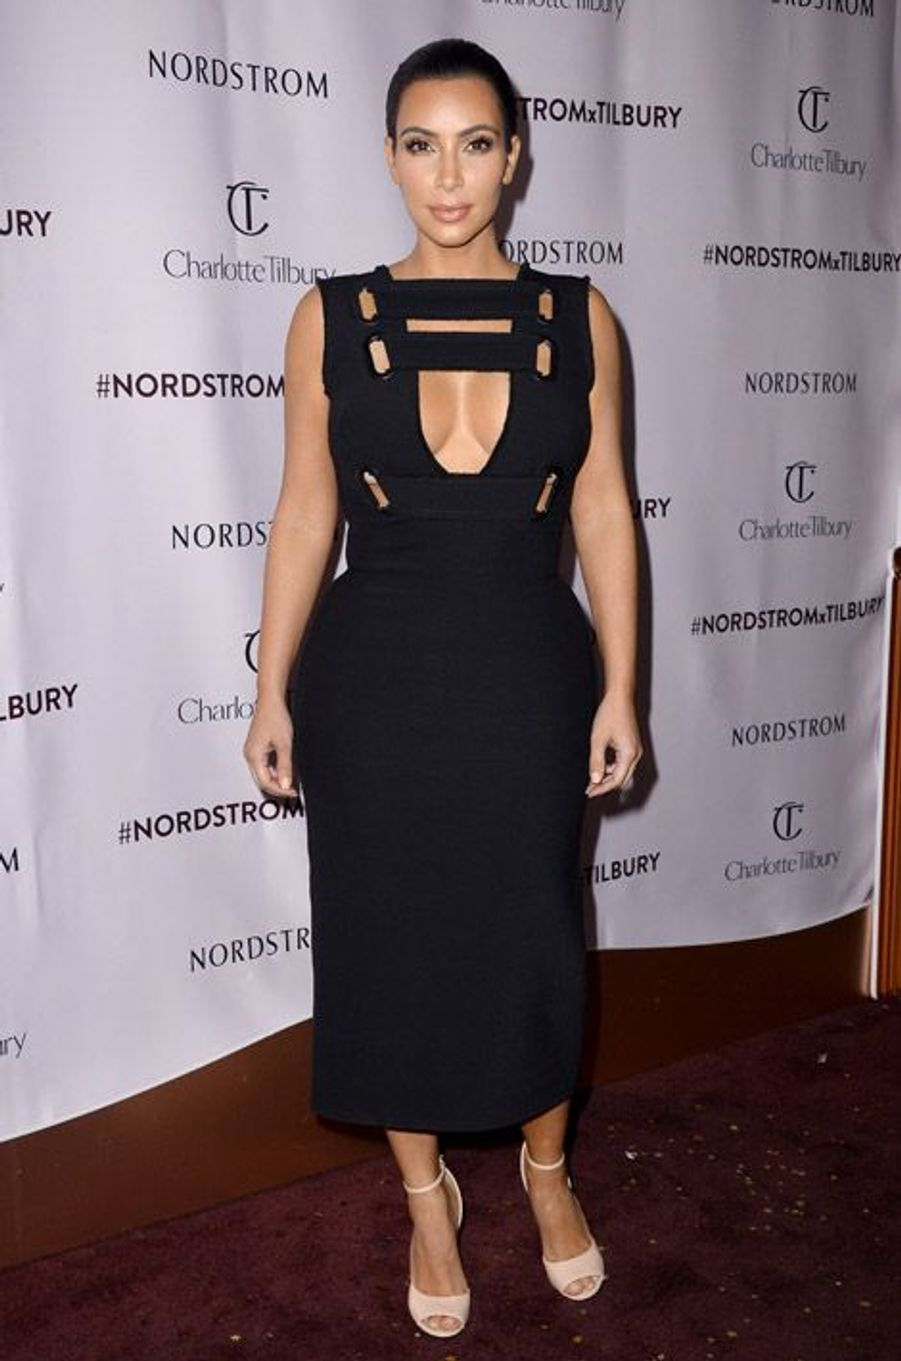 La star de la téléréalité, Kim Kardashian, lors d'une soirée à Los Angeles, le 9 octobre 2014